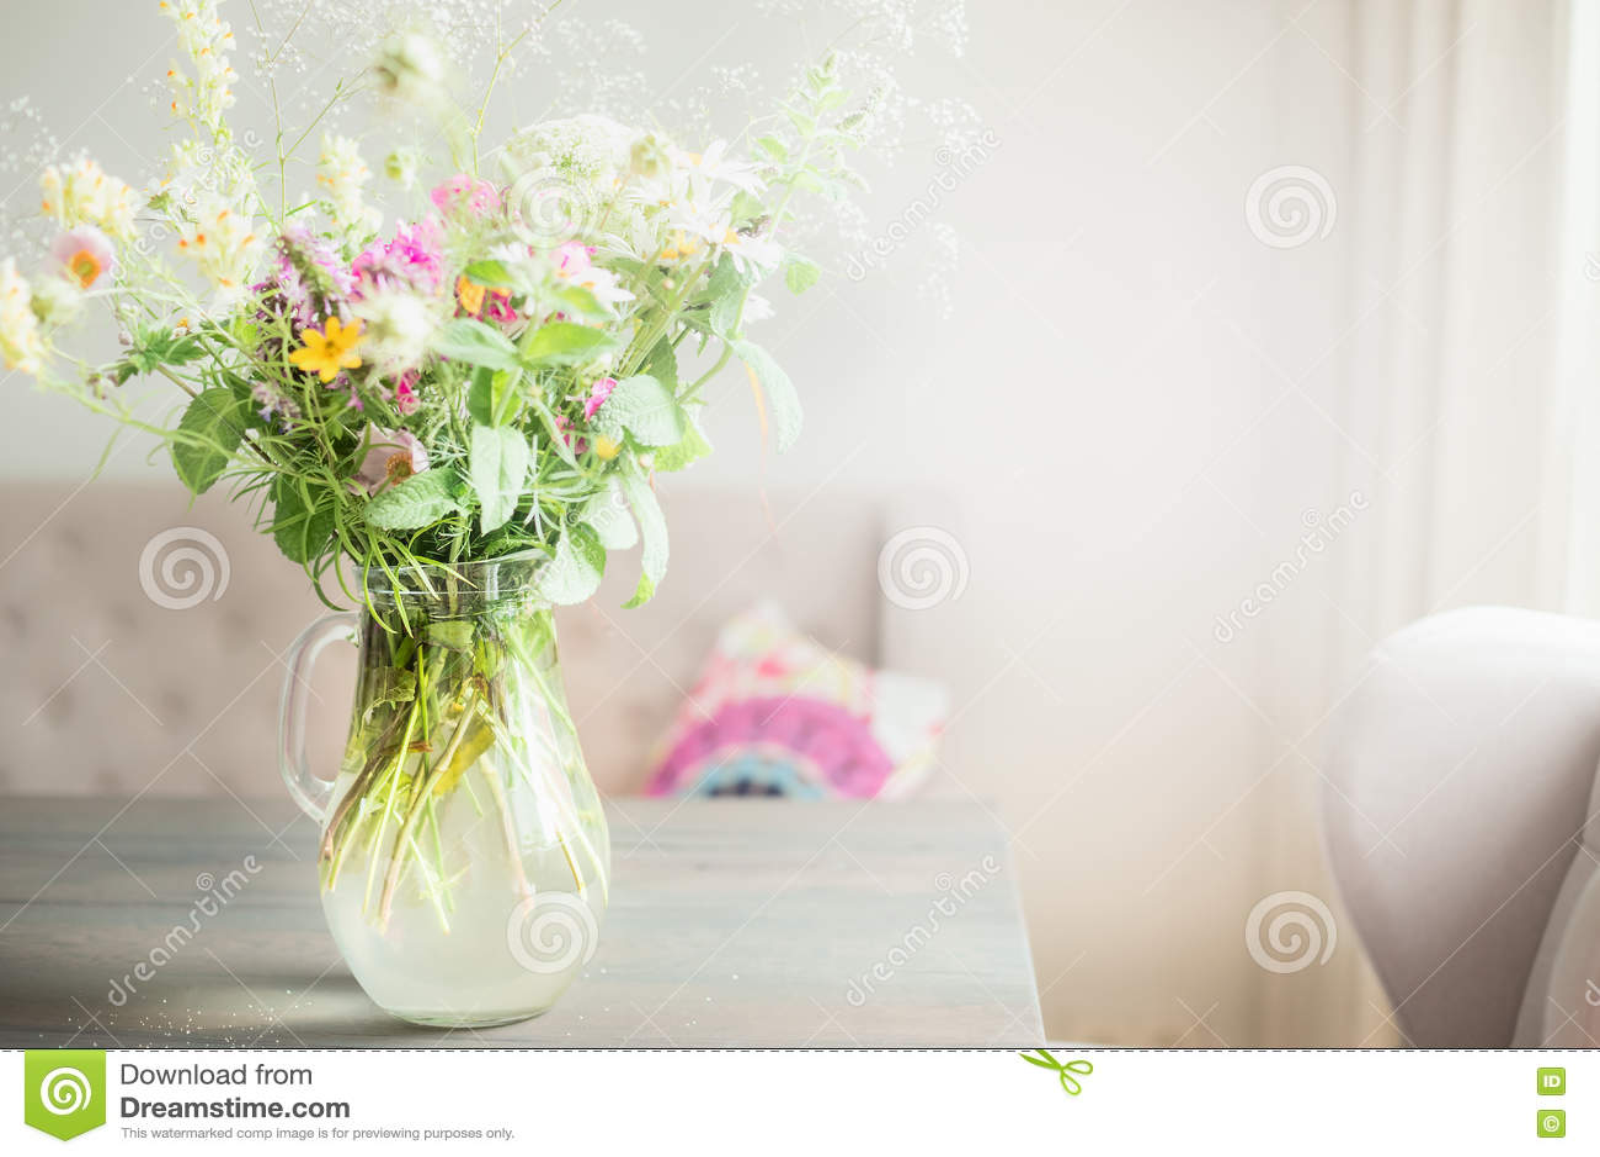 Beau groupe de fleurs sauvages dans le vase en verre sur la table dans le salon léger, décoration à la maison